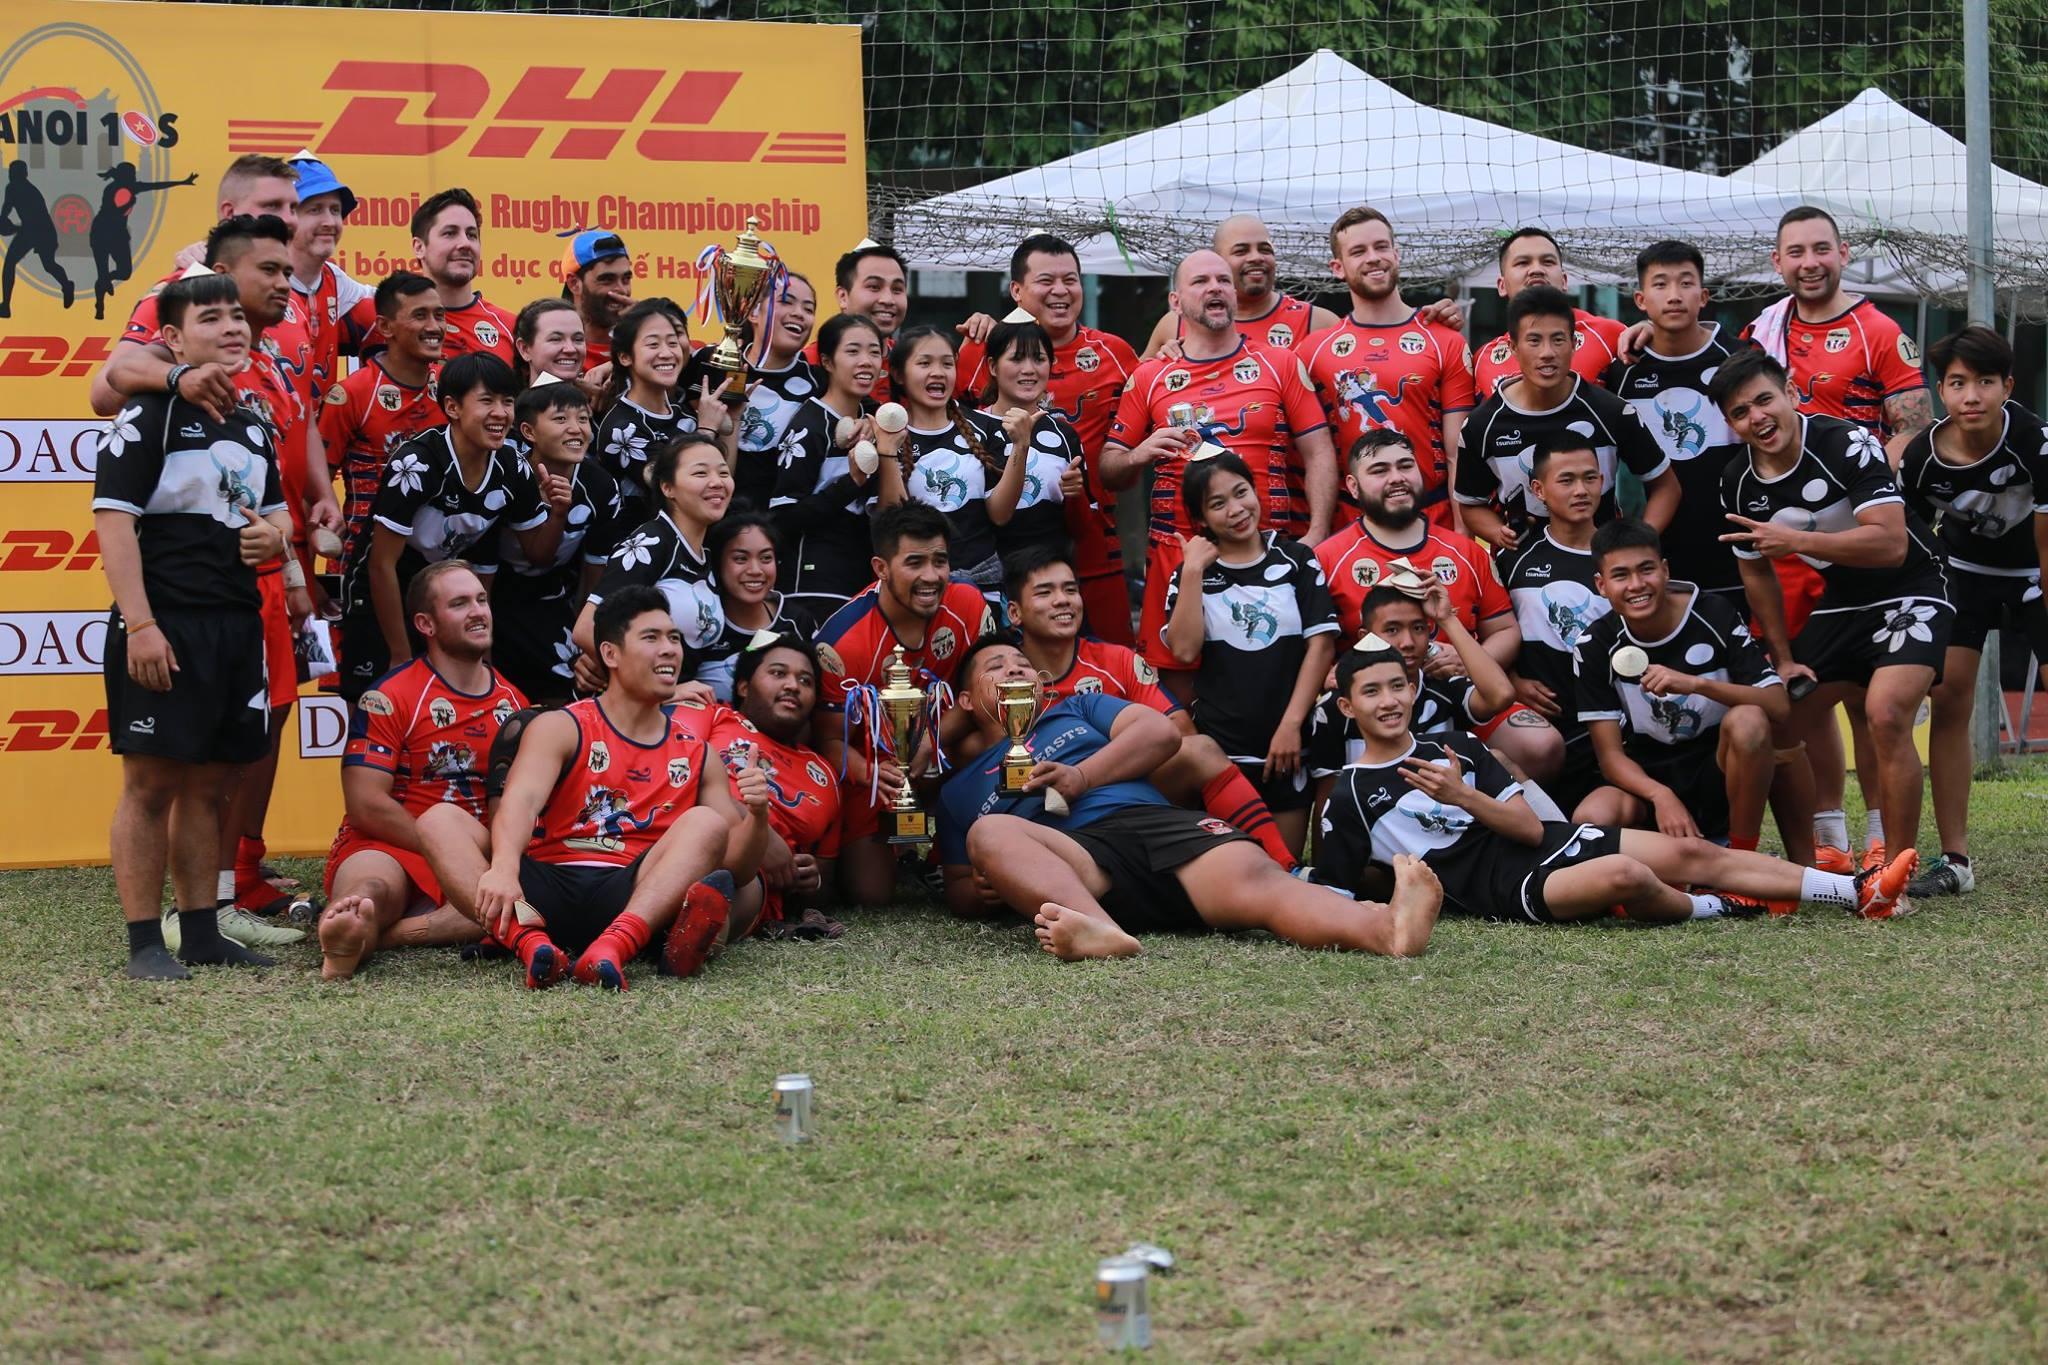 2019 Hanoi 10s Winners